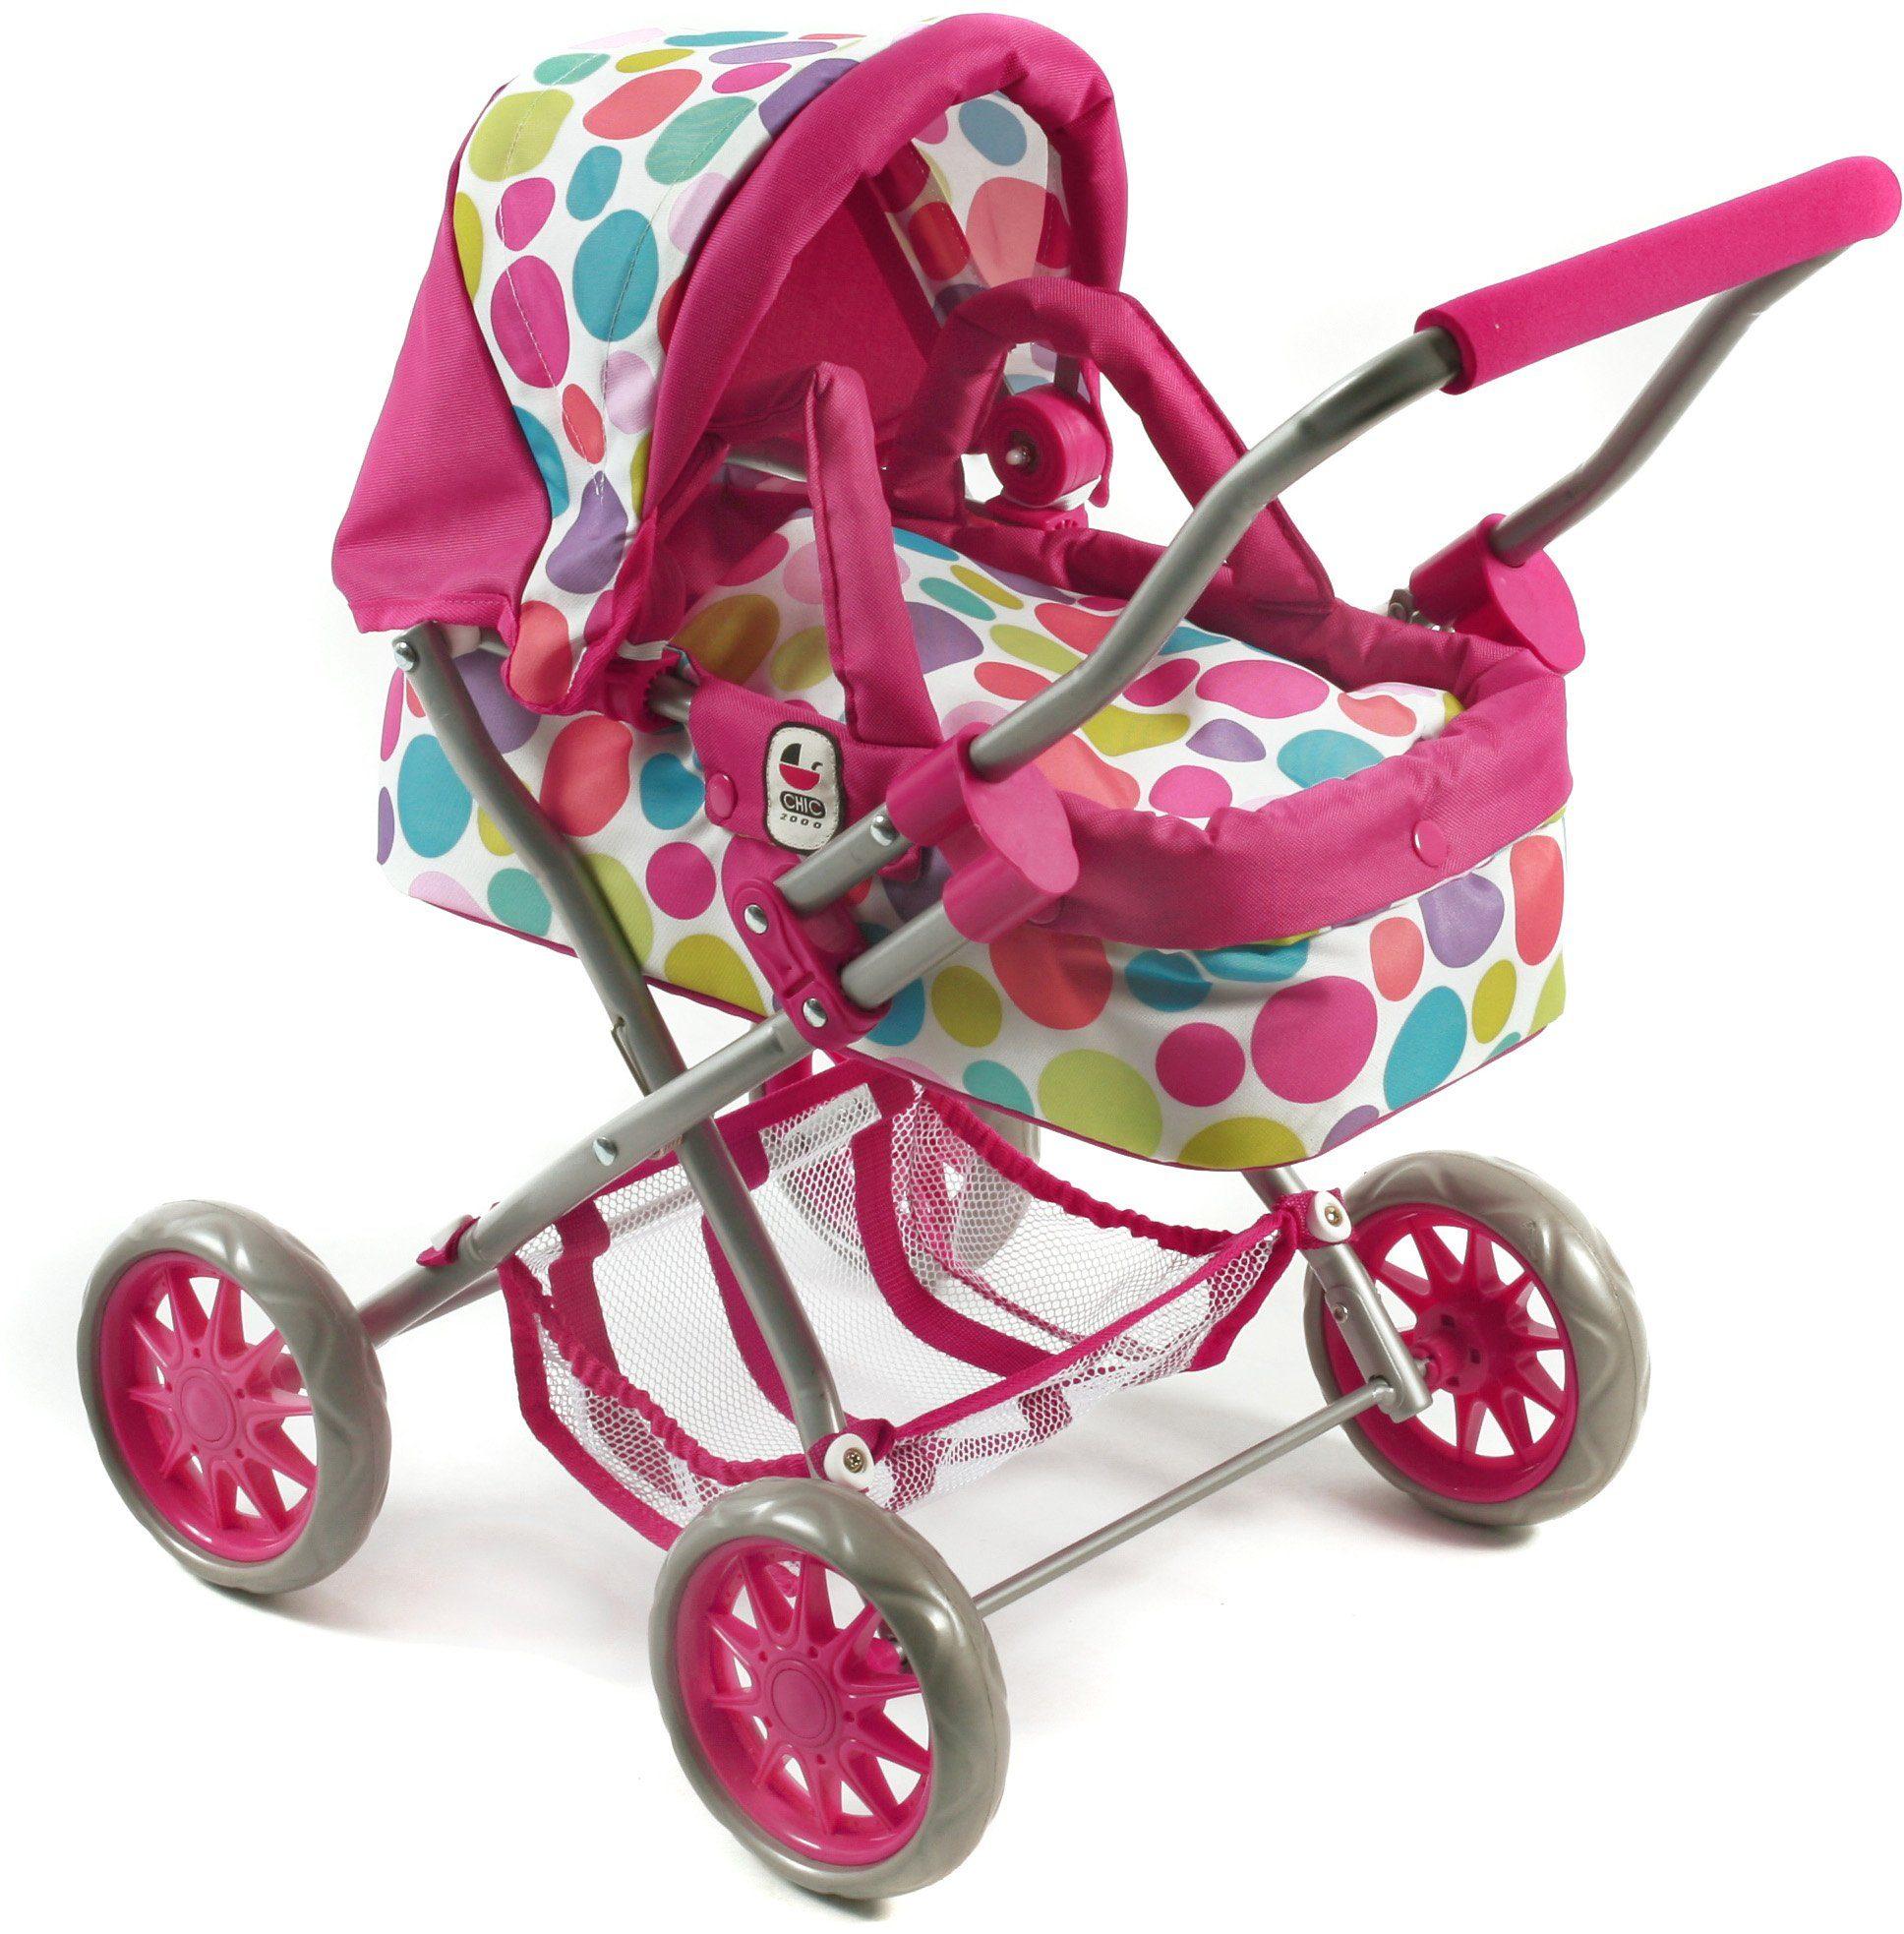 CHIC2000 Mini Puppenwagen mit herausnehmbarer Tragetasche, »Smarty pink«